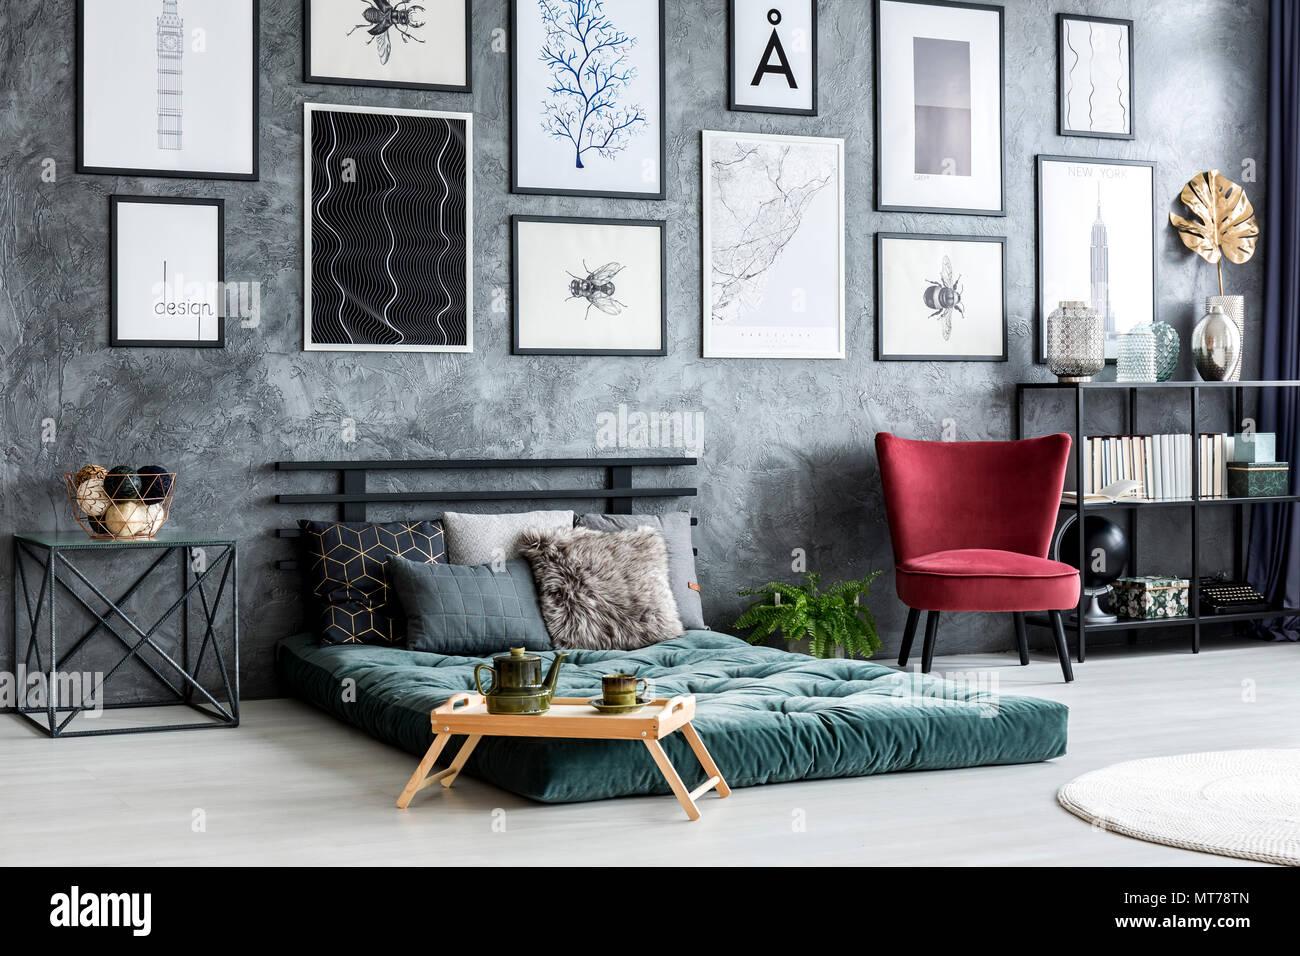 Grüne Futon Zwischen Roten Sessel Und Tisch In Farbenfrohe Schlafzimmer  Innenraum Mit Galerie Auf Graue Wand